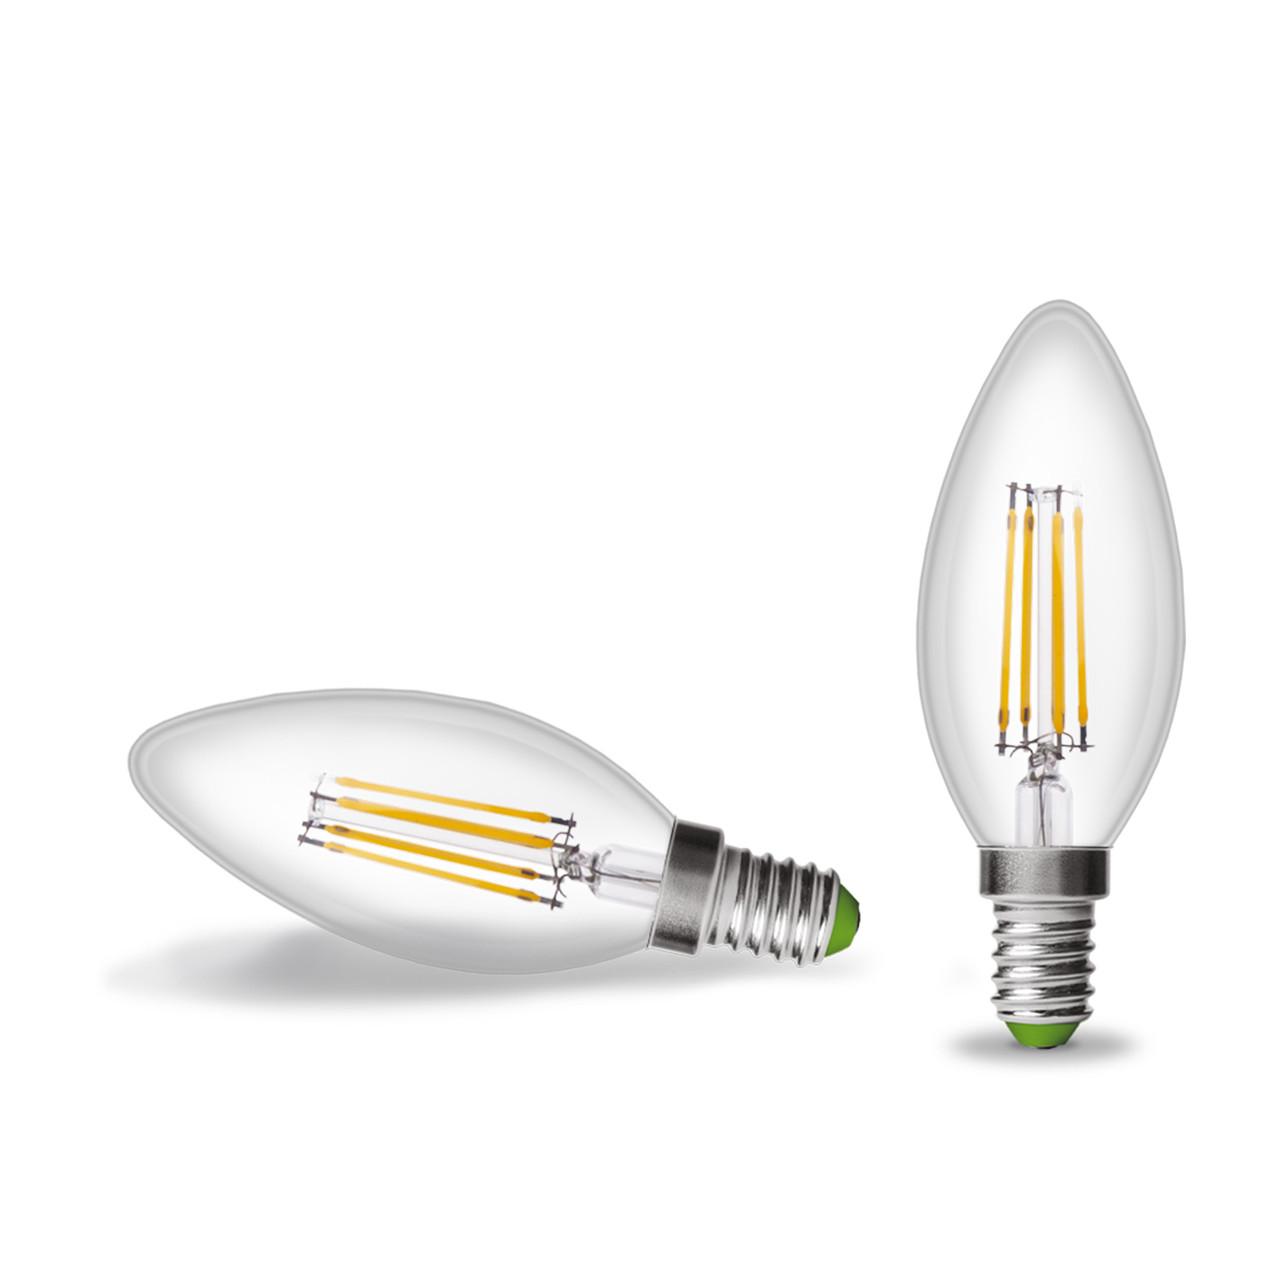 Светодиодная лампа Eurolamp ArtDeco 4W E14 свеча Filament